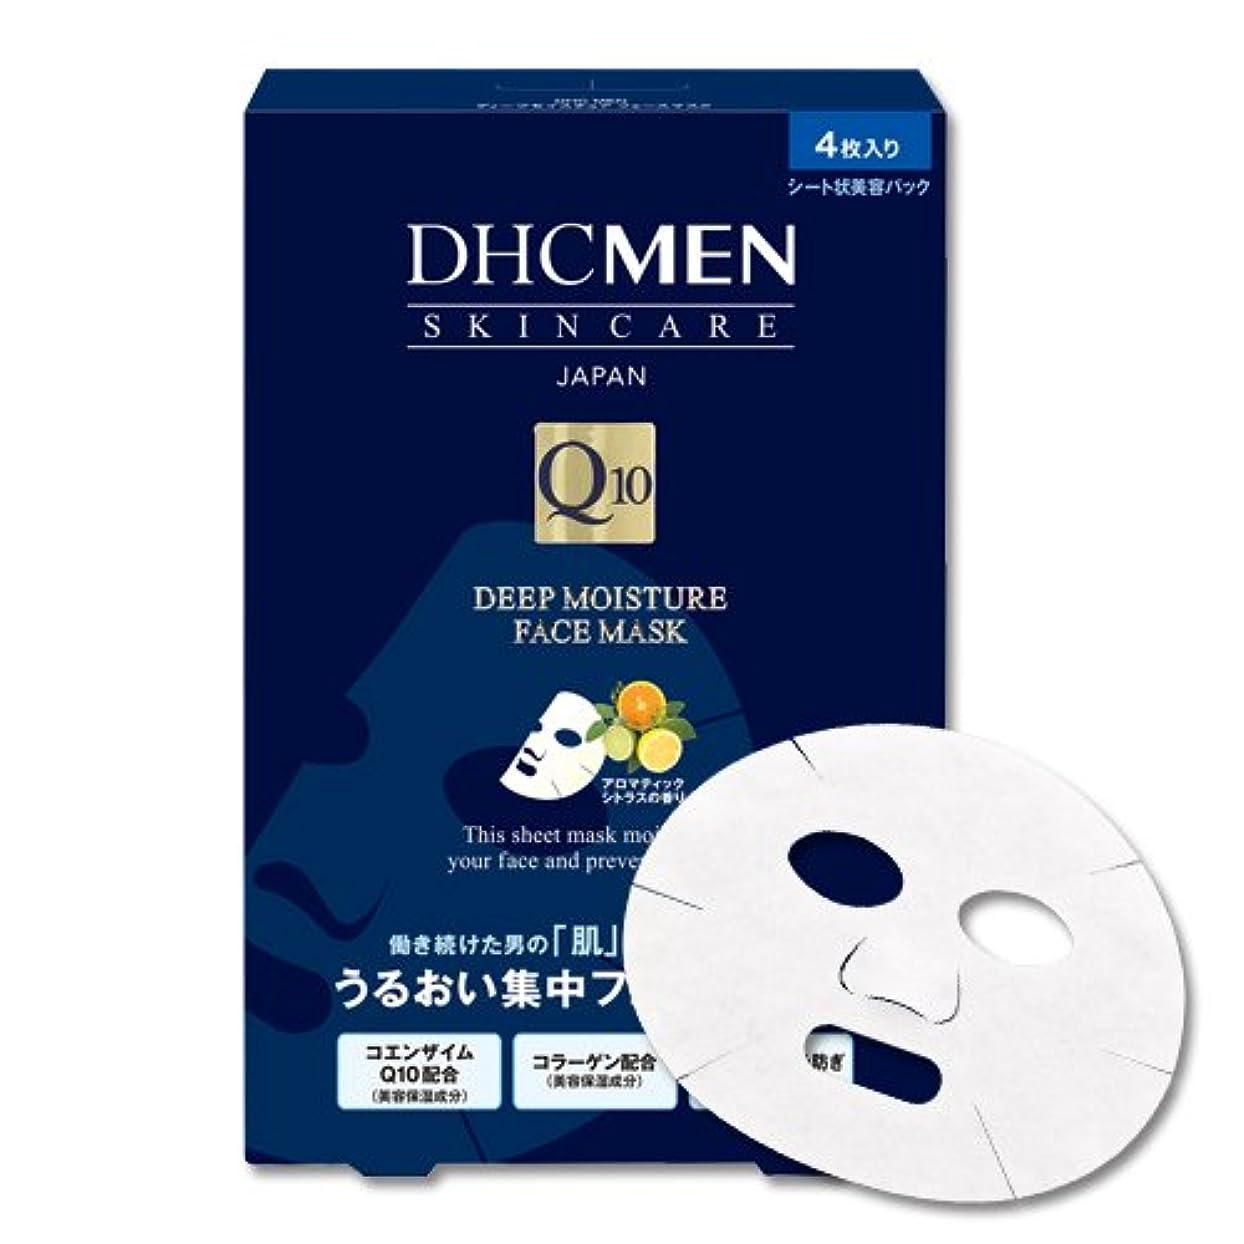 後引き付けるドリンクDHC MEN ディープモイスチュア フェースマスク